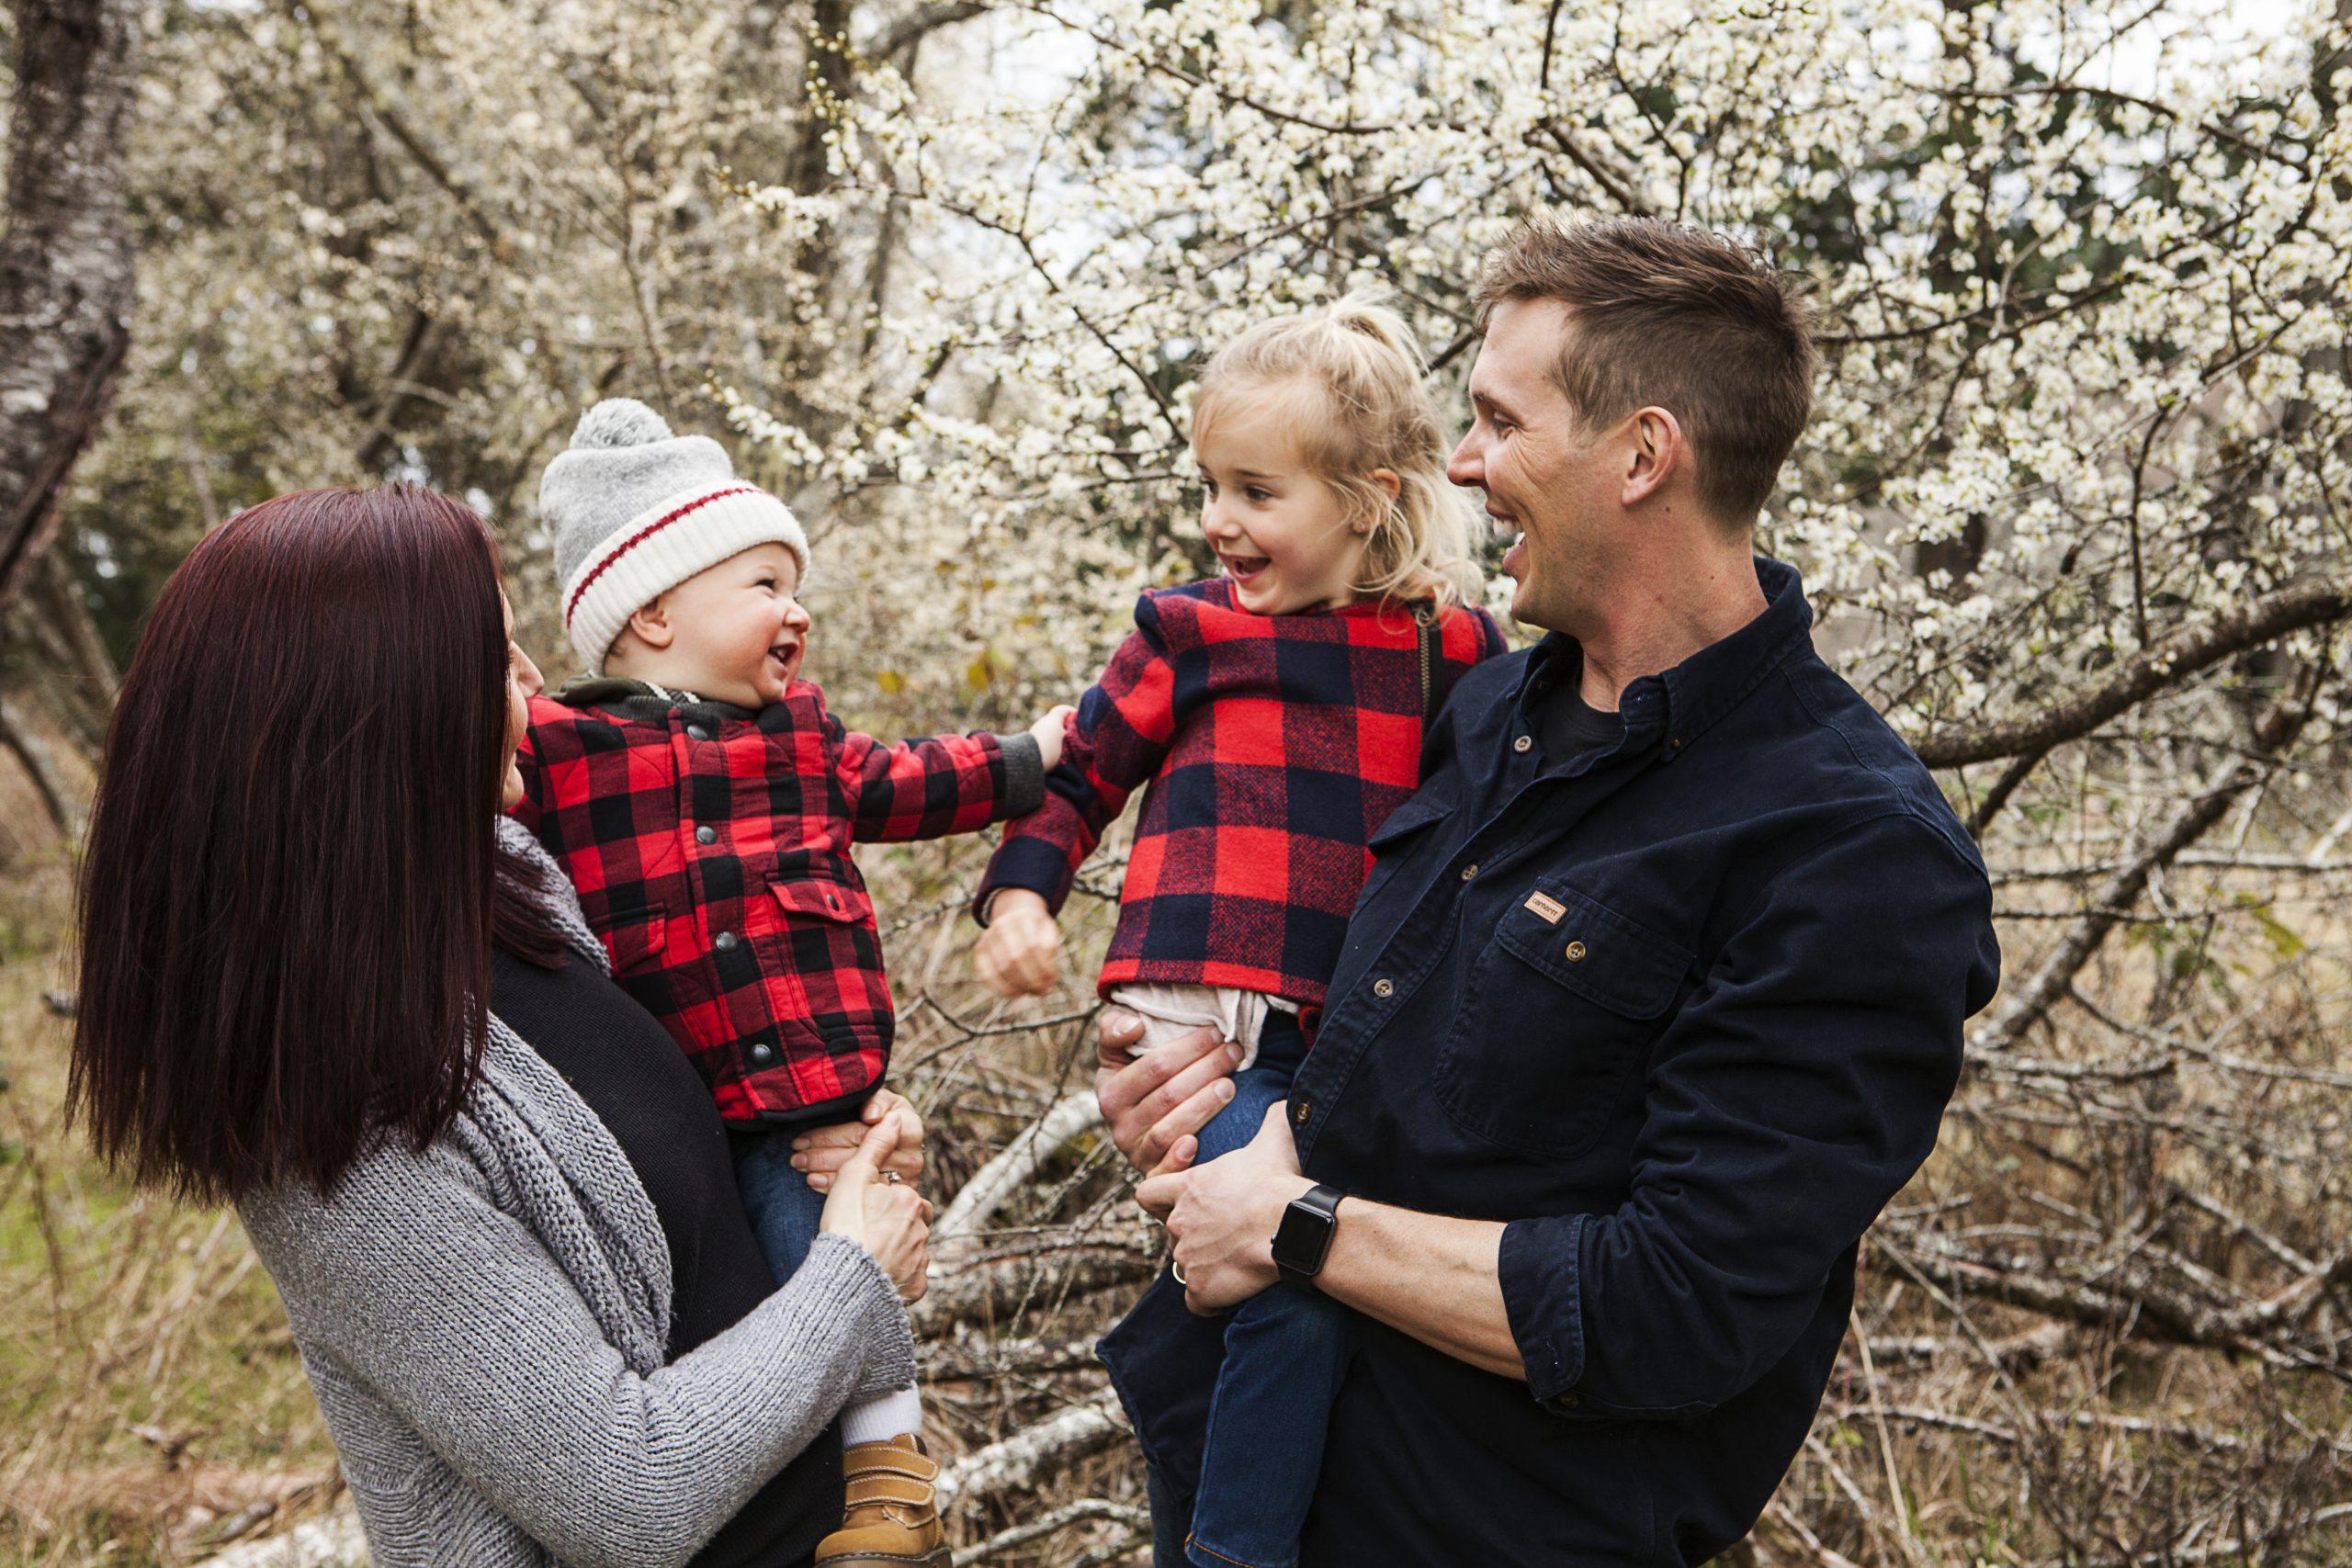 Parksville Family Photographer | Rathtrevor Beach Park Photos